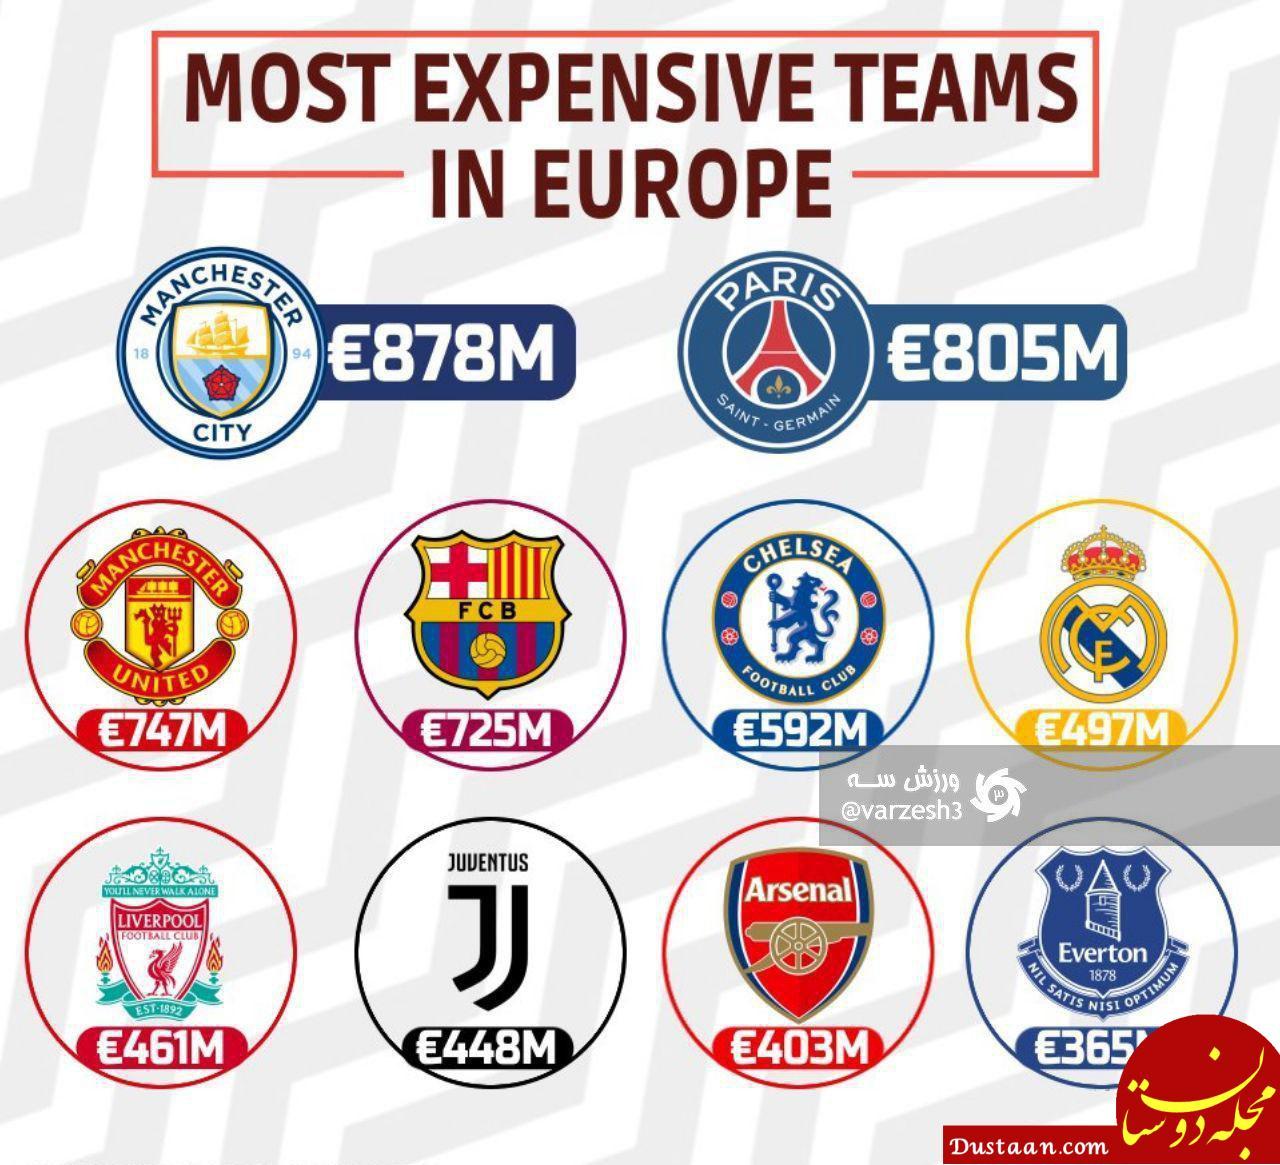 www.dustaan.com گرانترین باشگاه های فوتبال جهان در یک نگاه +عکس